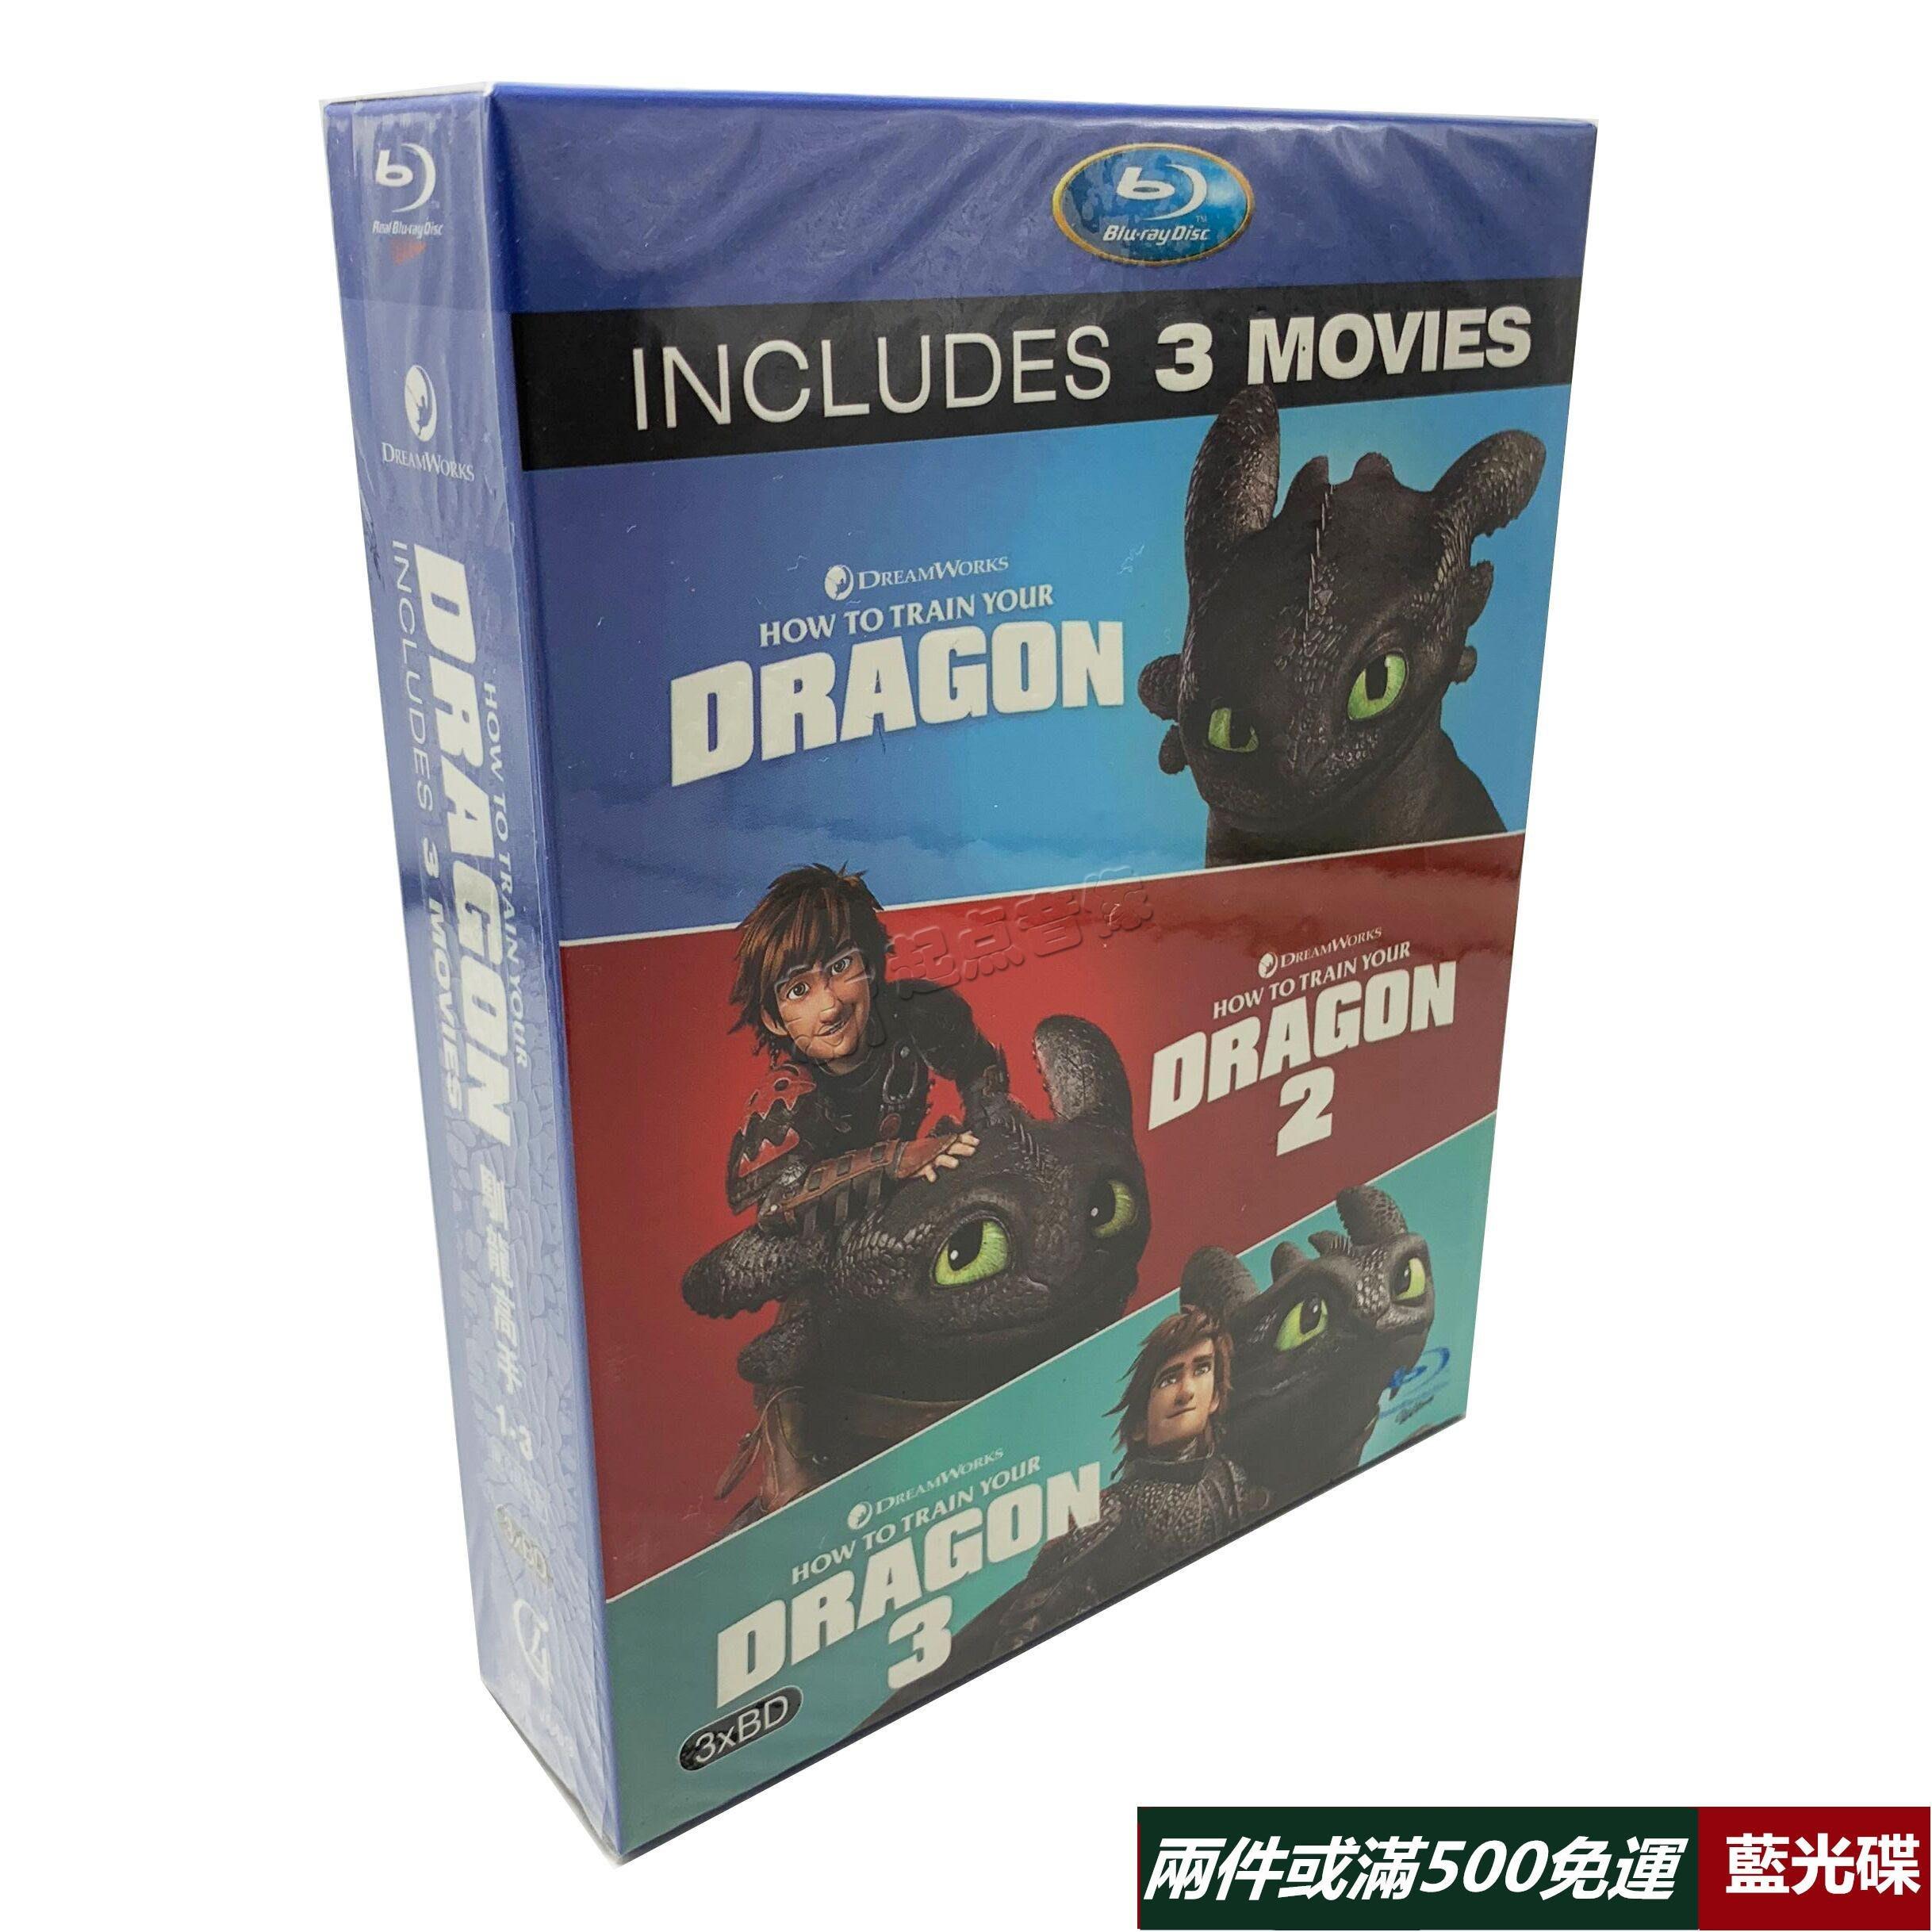 藍光光碟/BD 卡通電影 馴龍高手123合集 碟高清1080P收藏版3碟繁體中字 全新盒裝